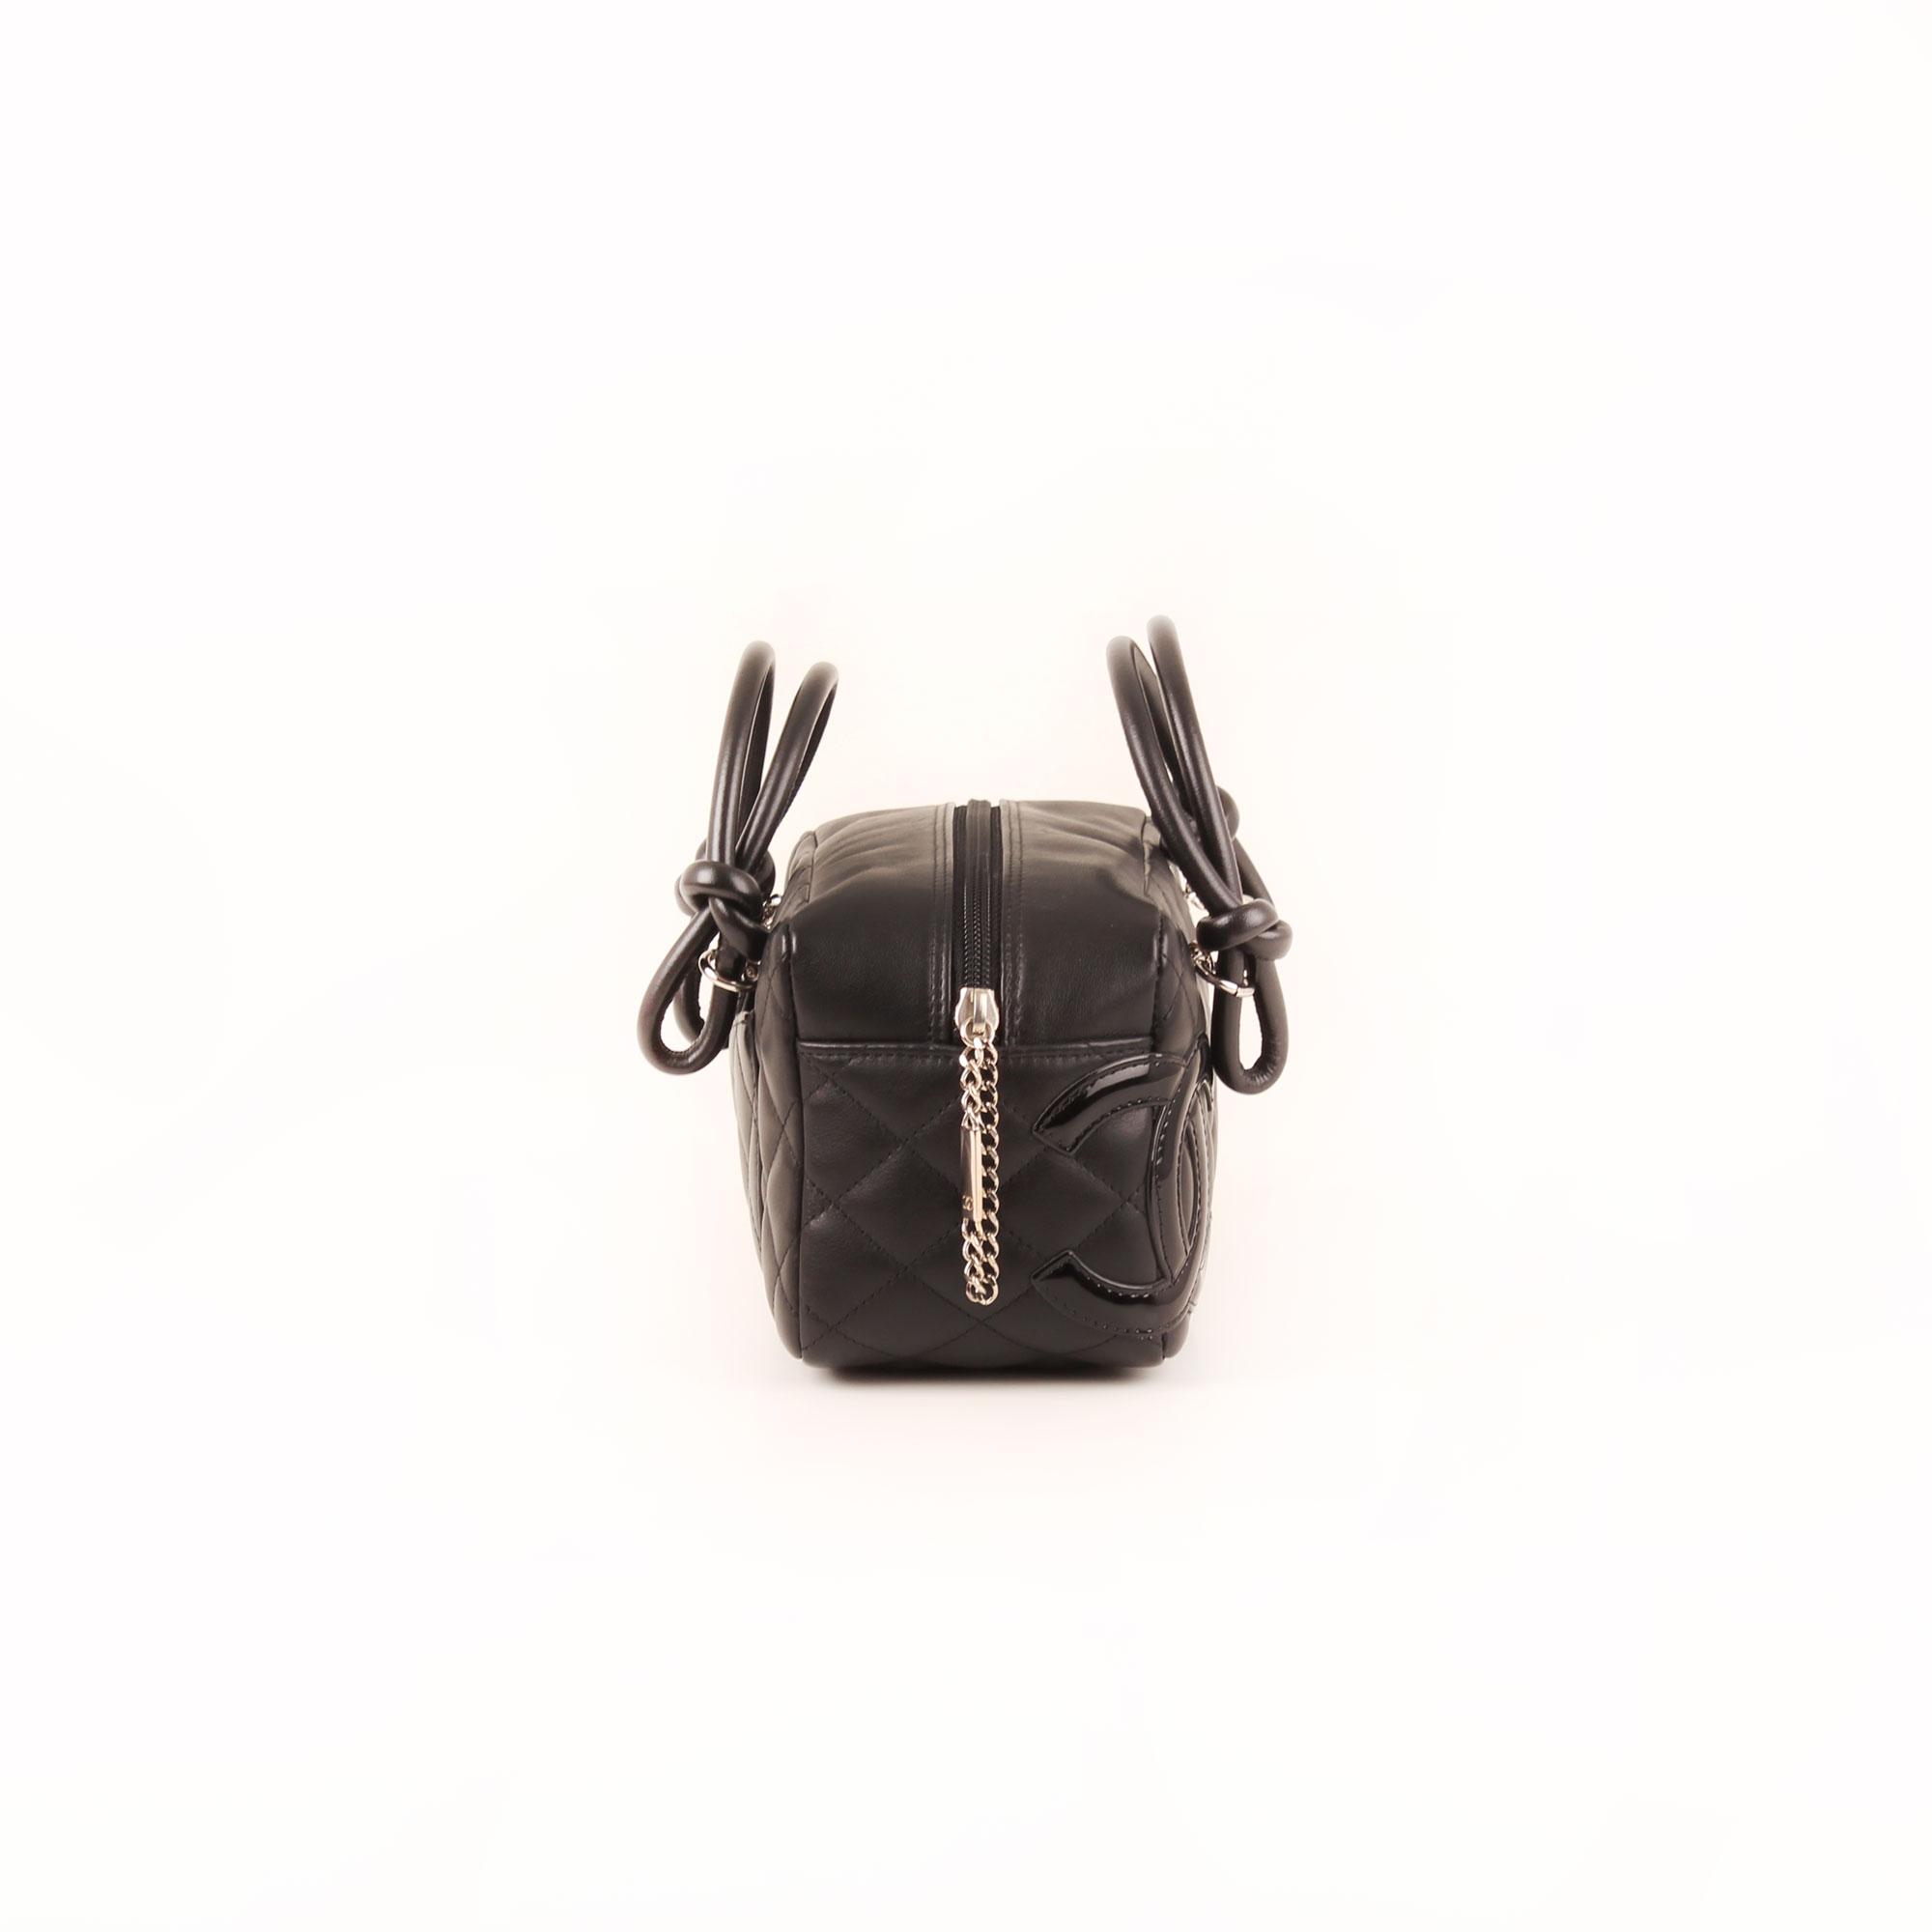 3c4301df49da Imagen del lado 1 del bolso chanel cambon negro